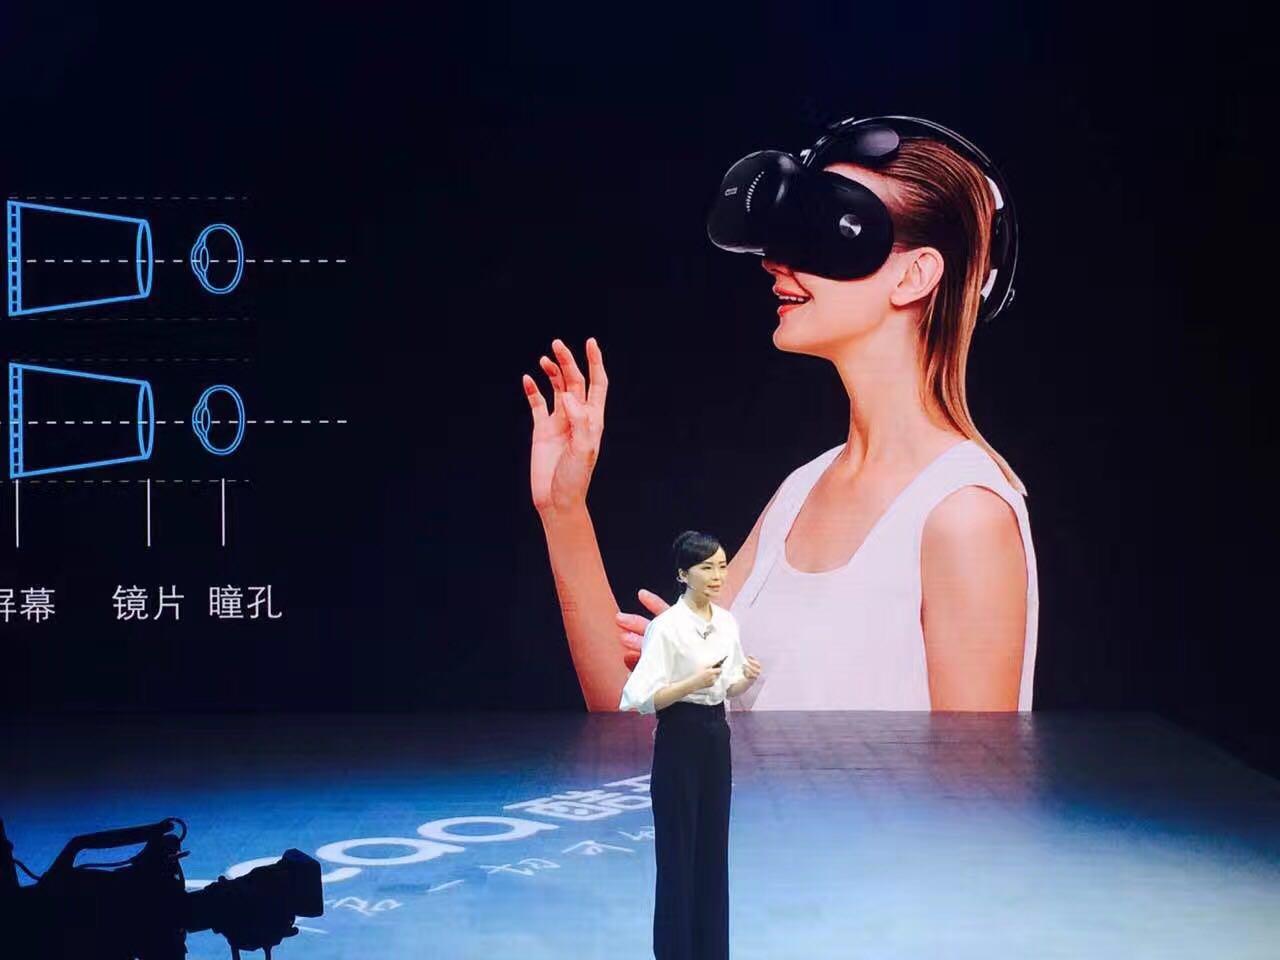 酷开VR一体机正式发布,首款搭载骁龙821处理器 刷新行业高度